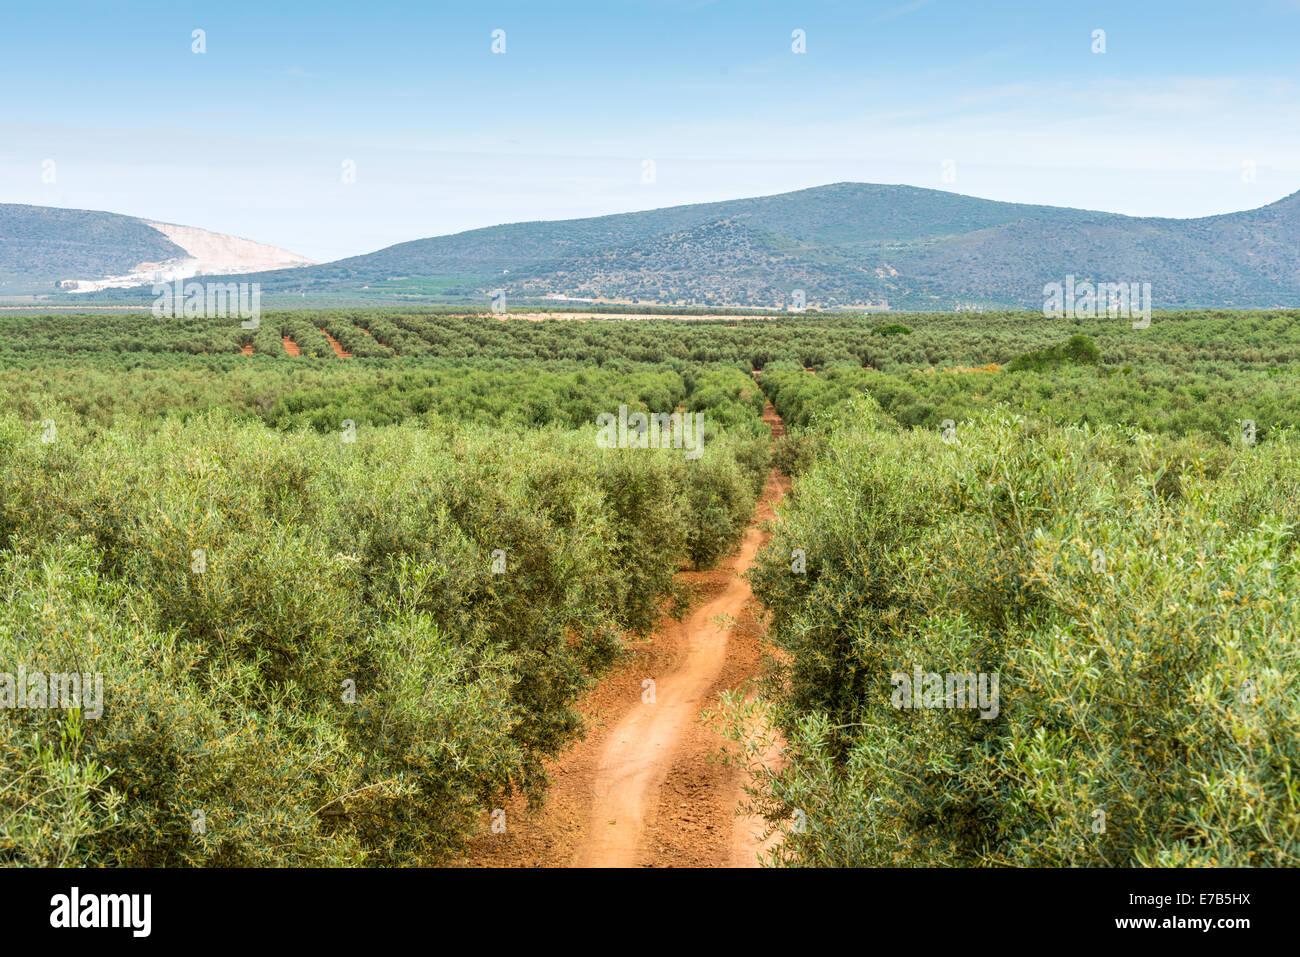 Vue panoramique sur les oliviers et fruitiers plantés en rangées. L'Espagne. Photo Stock